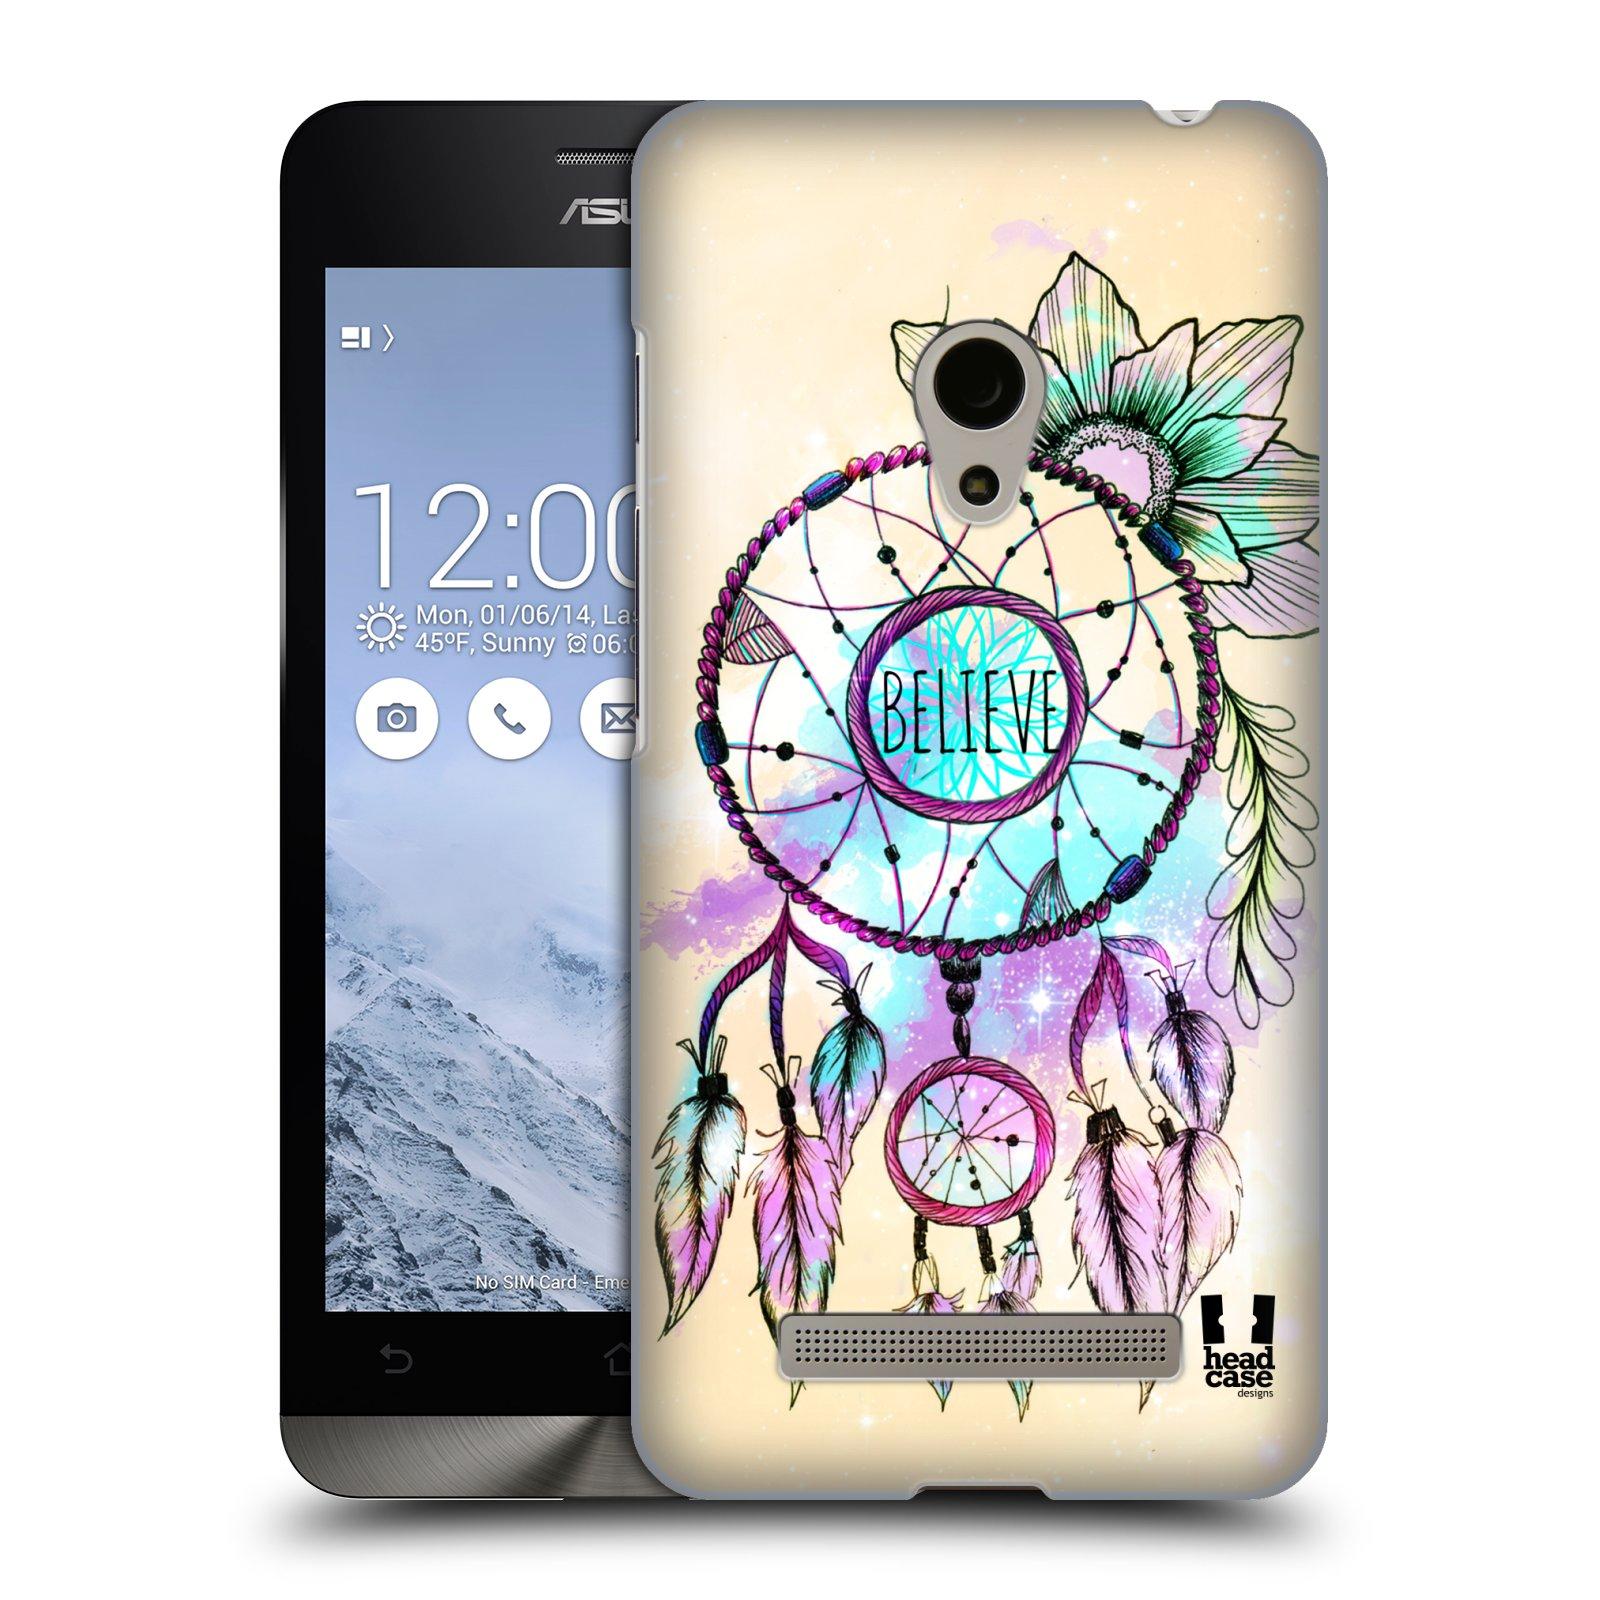 Plastové pouzdro na mobil Asus Zenfone 5 HEAD CASE MIX BELIEVE (Kryt či obal na mobilní telefon Asus Zenfone 5 A500CG / A501CG)